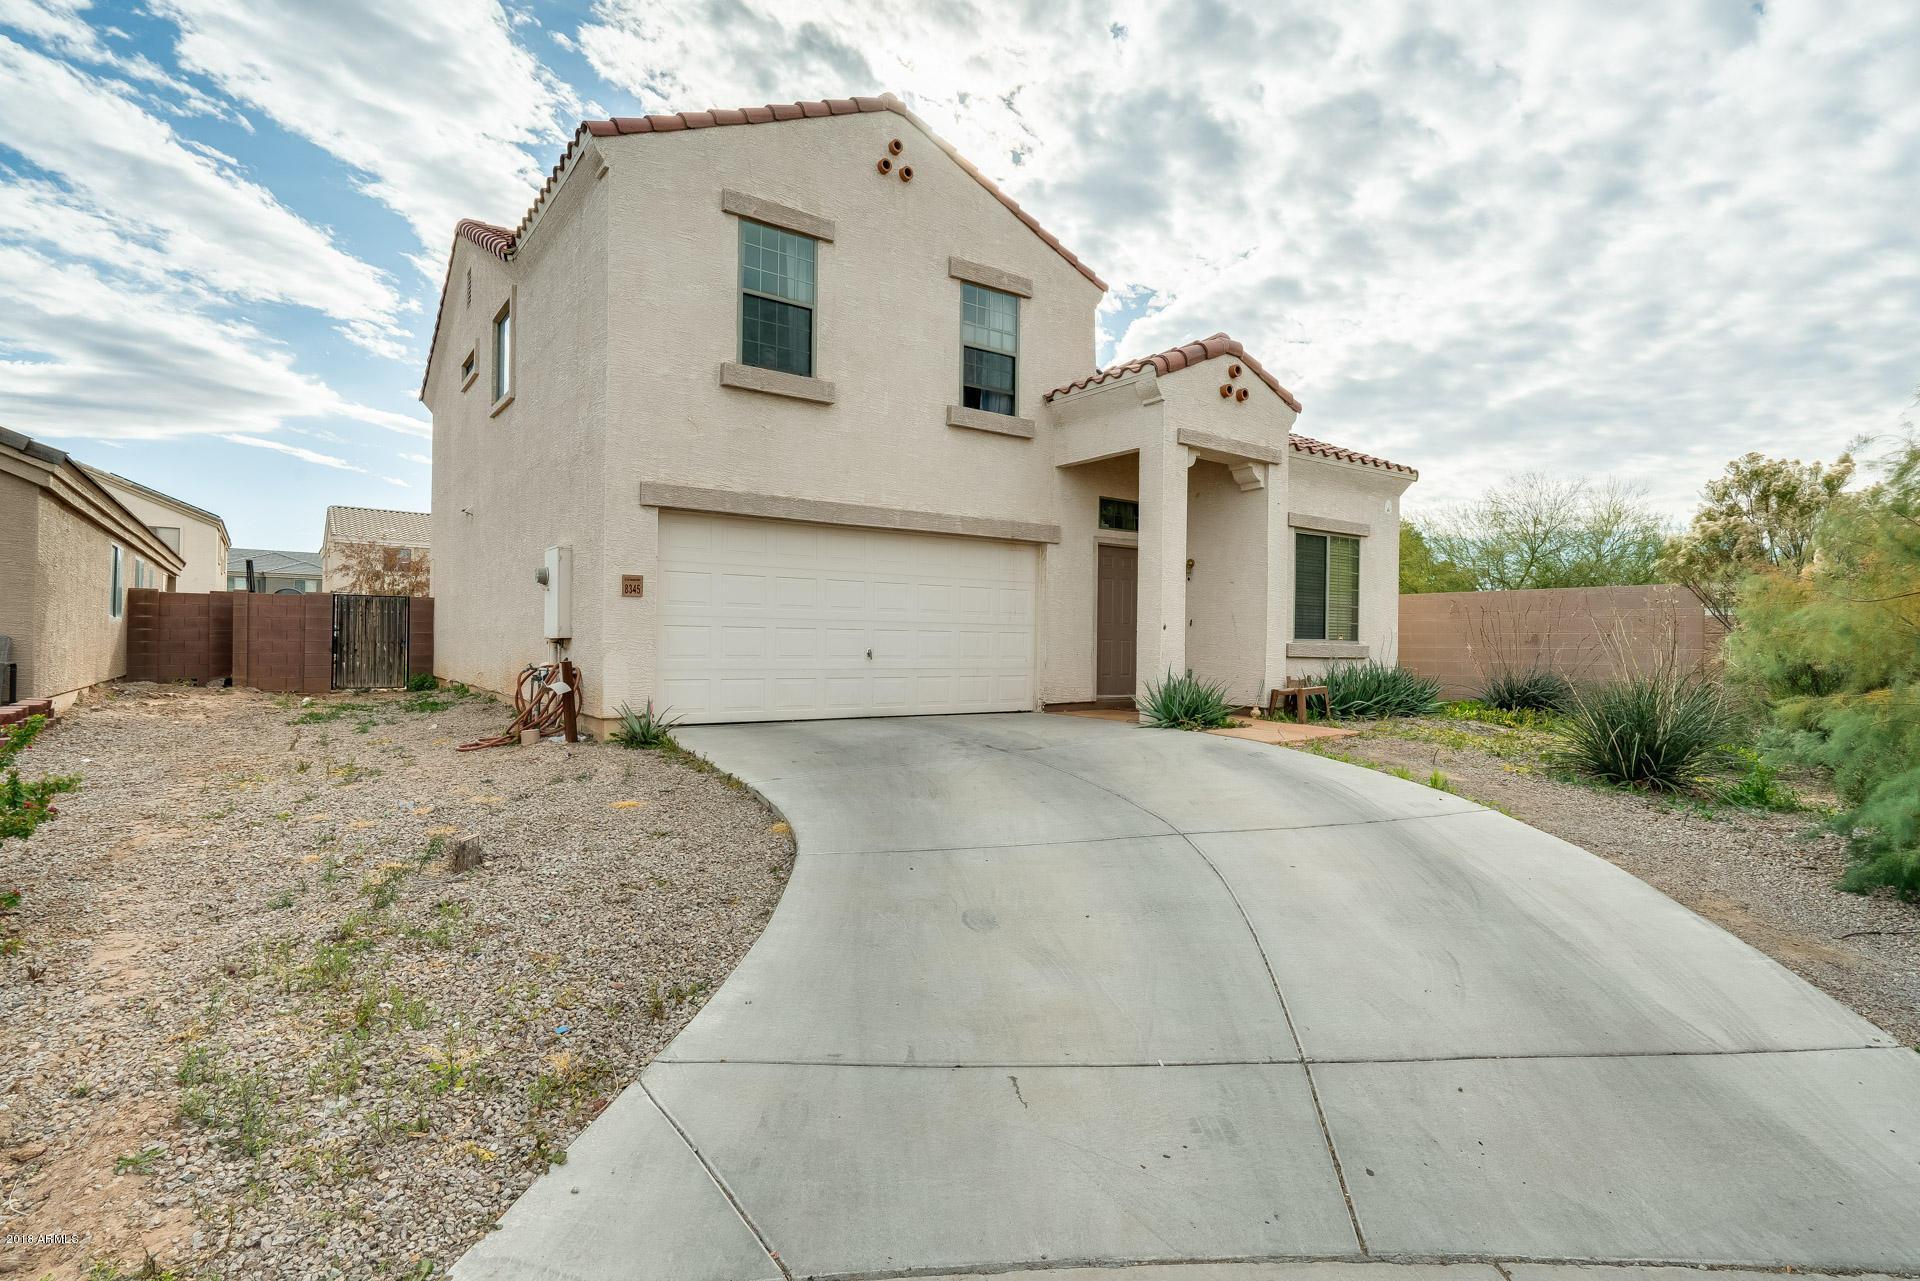 Photo of 8345 W KINGMAN Street, Tolleson, AZ 85353